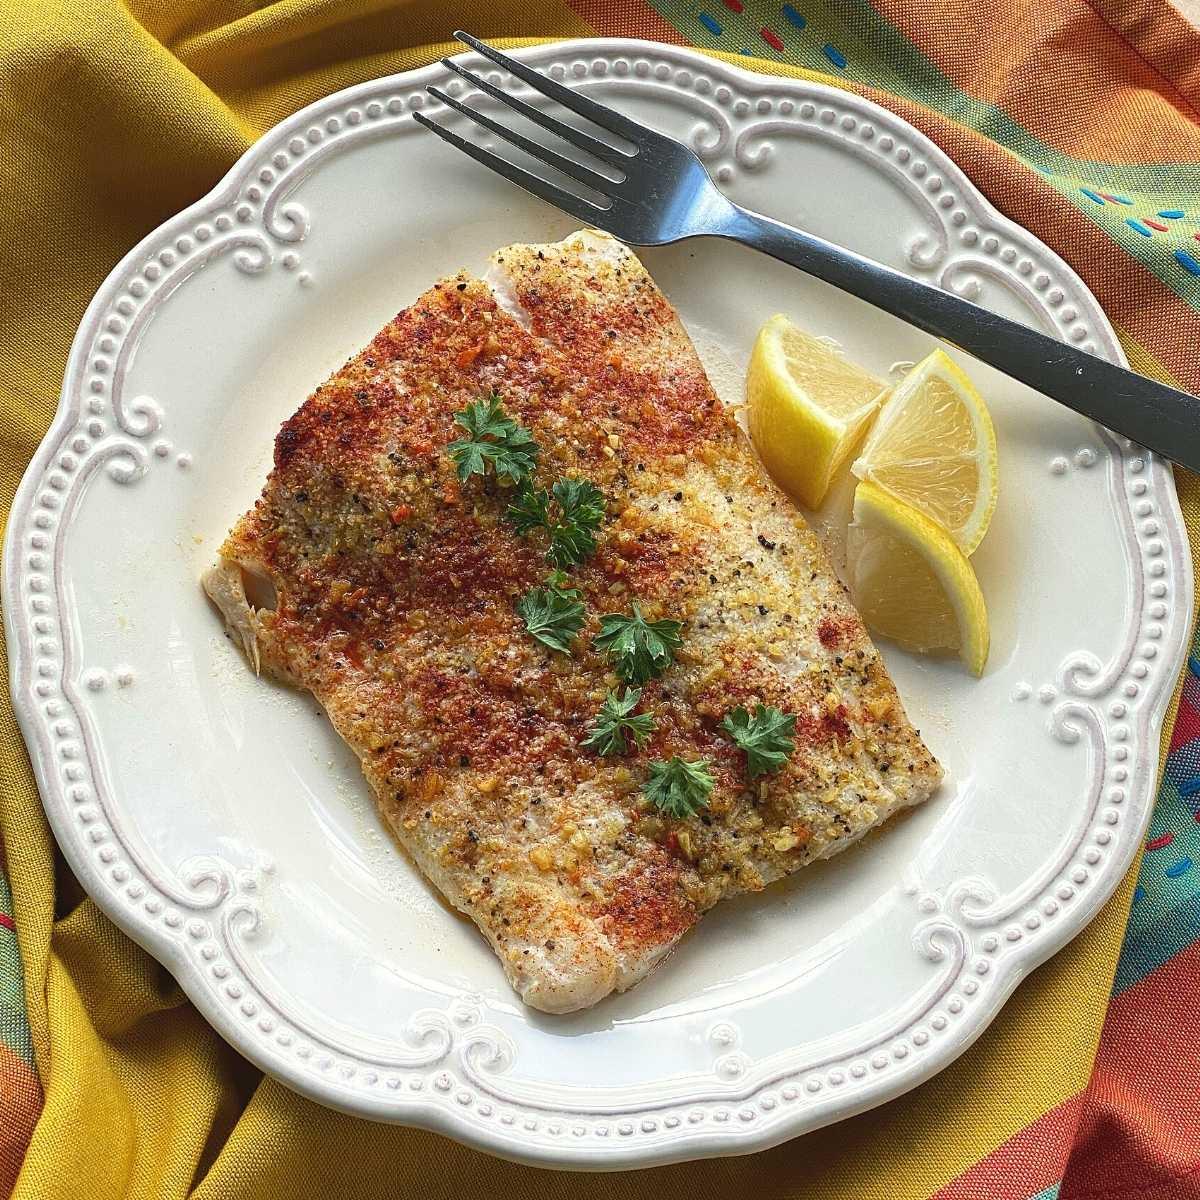 Filetto di corvina al forno con crosta di pepe al limone su un piatto con spicchi di limone e una forchetta.